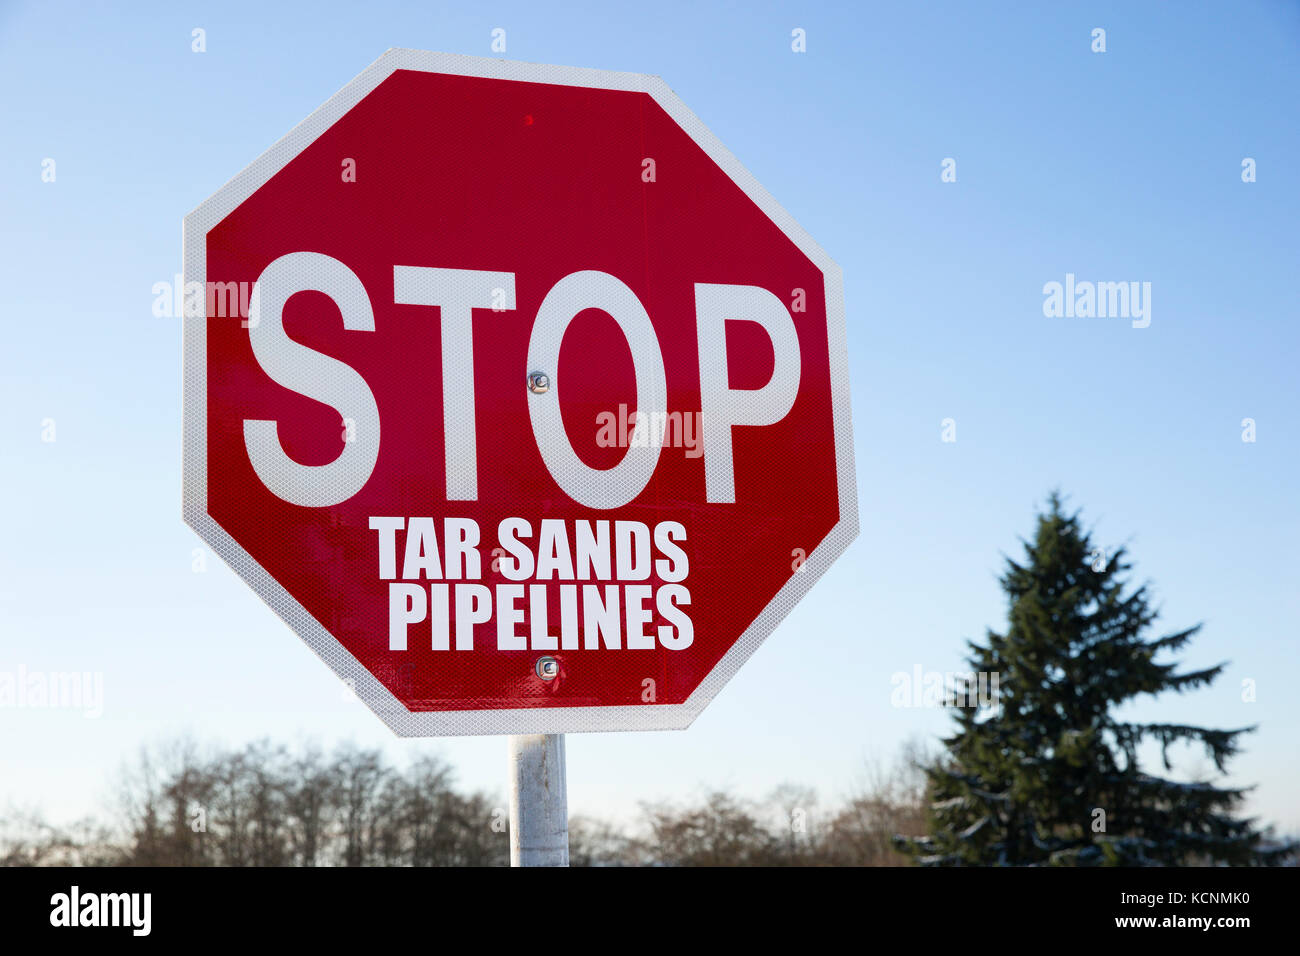 Stop-Schild geändert von Kinder Morgan pipeline Projekt vorgeschlagen, Burnaby, British Columbia zu protestieren Stockbild